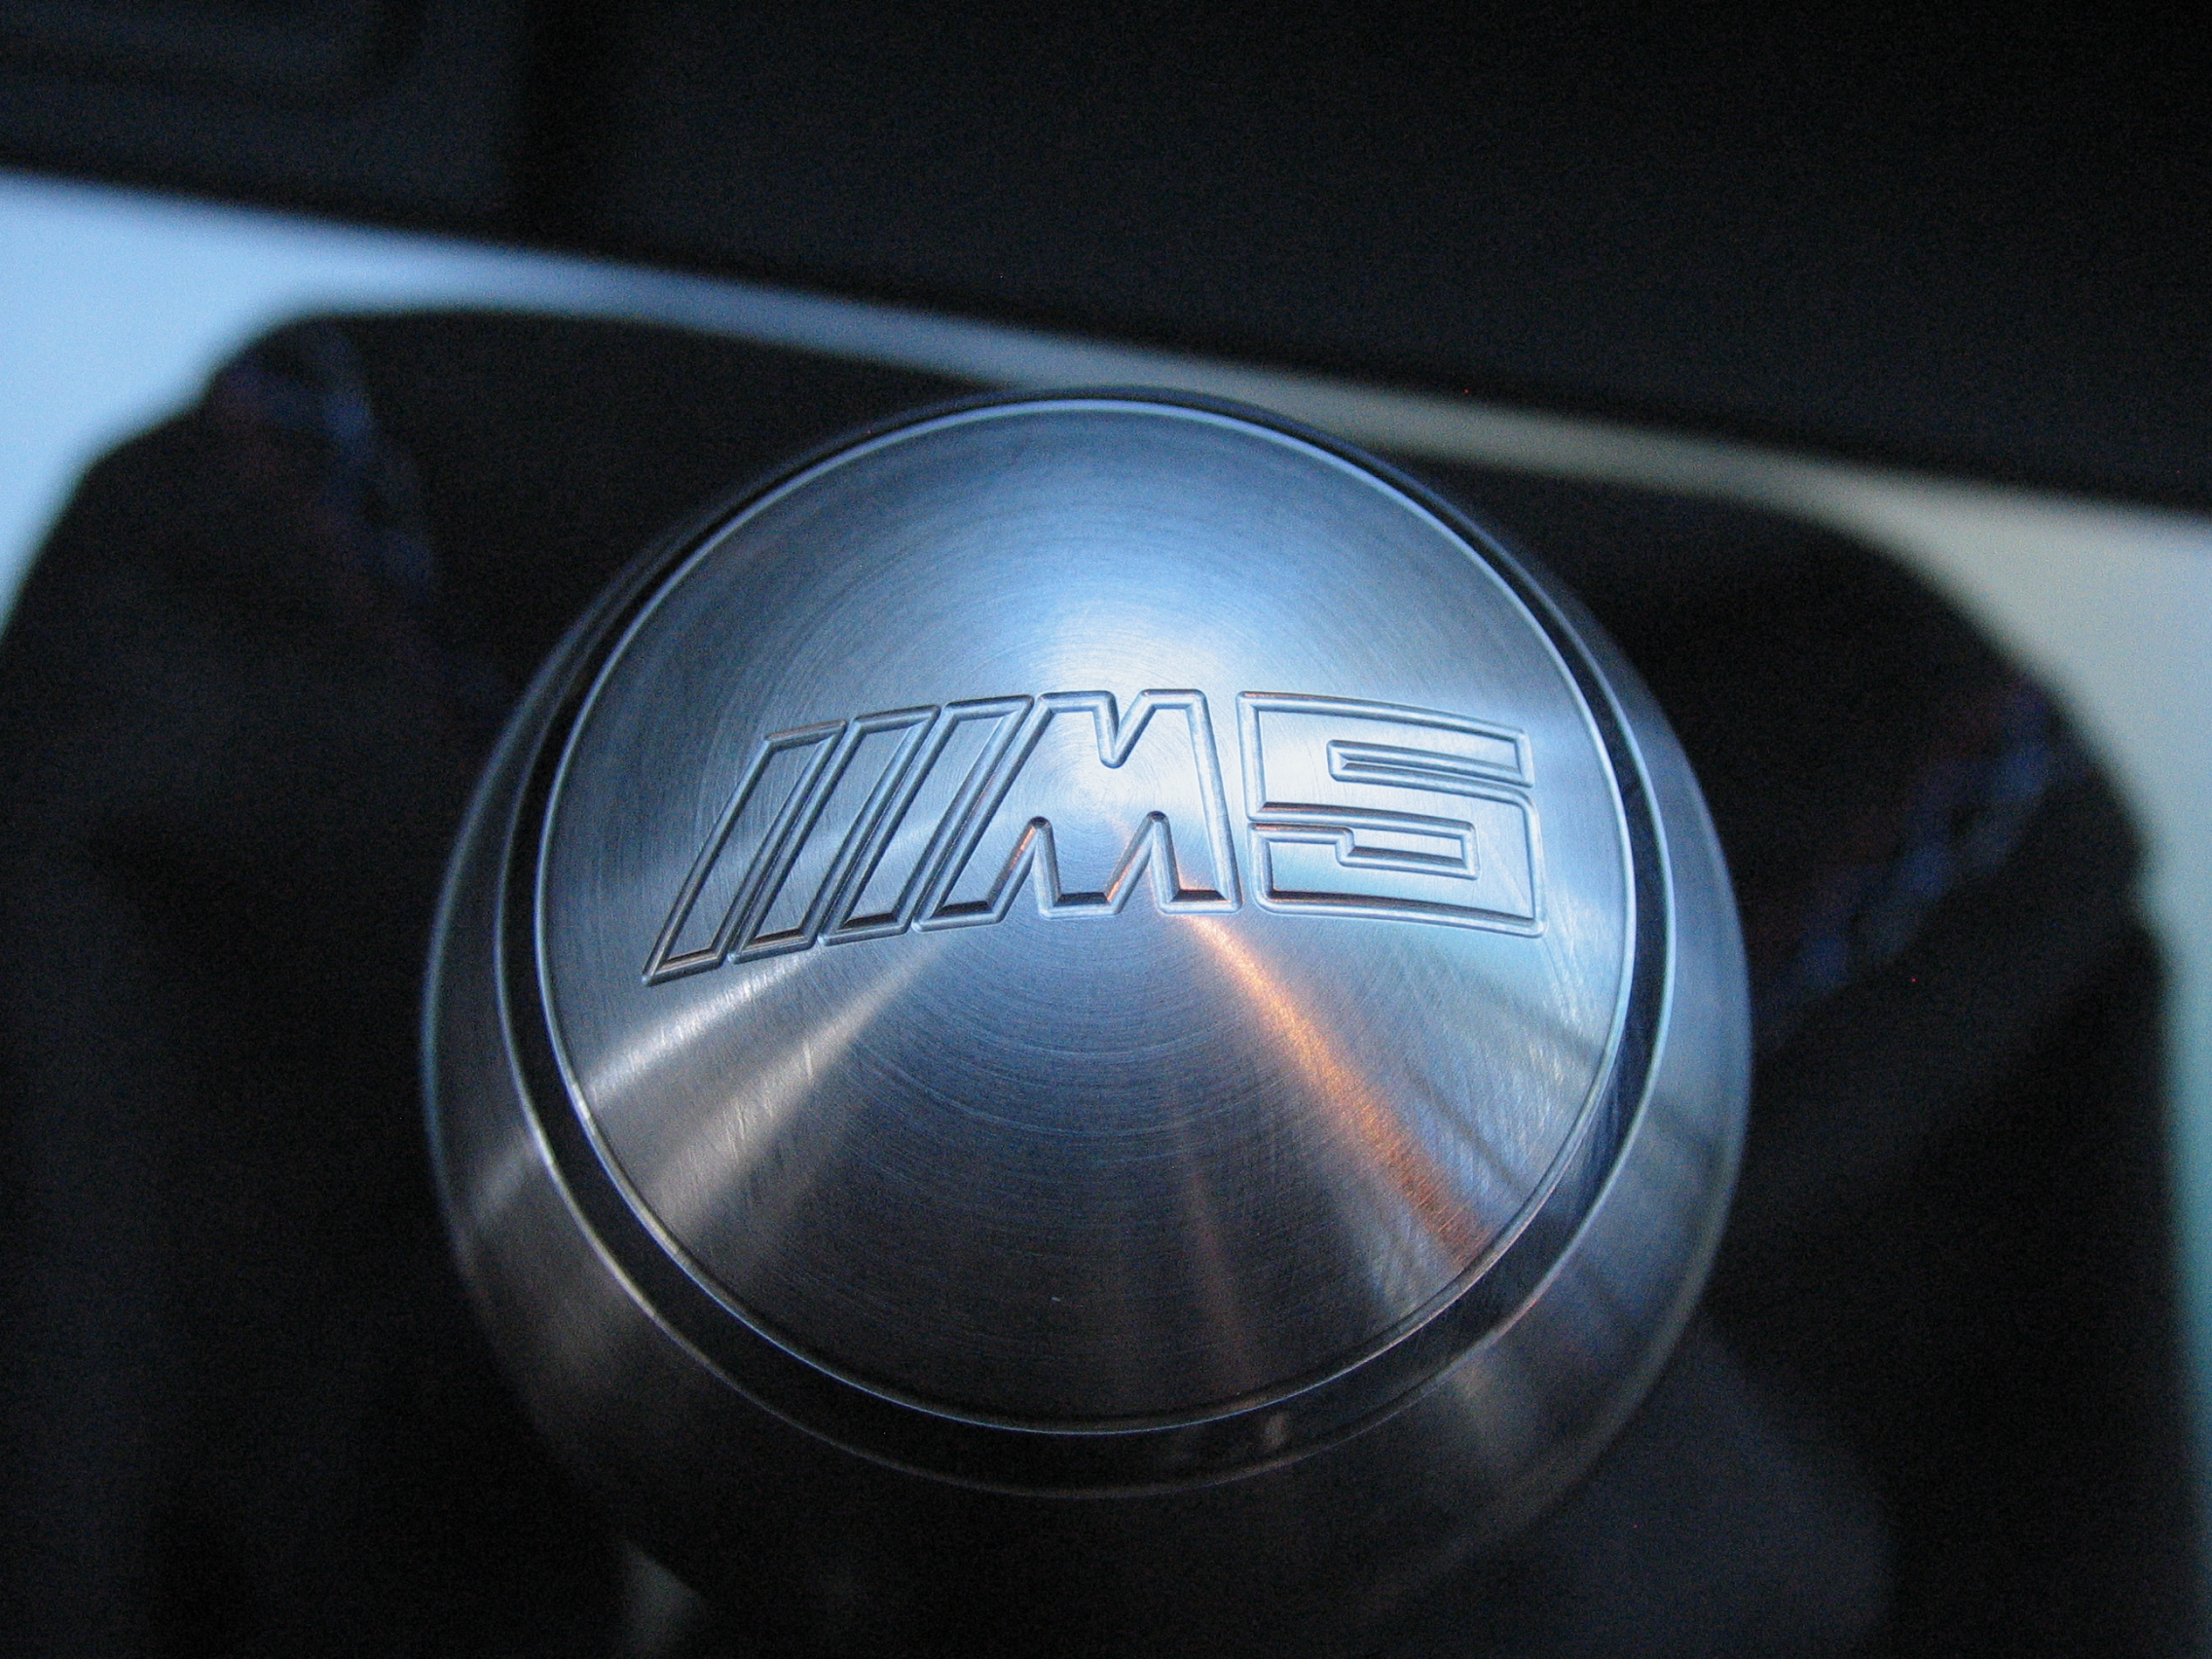 6 speed pattern E39 M5 shift knob in Aluminum-new-knob-new-boot-001.jpg